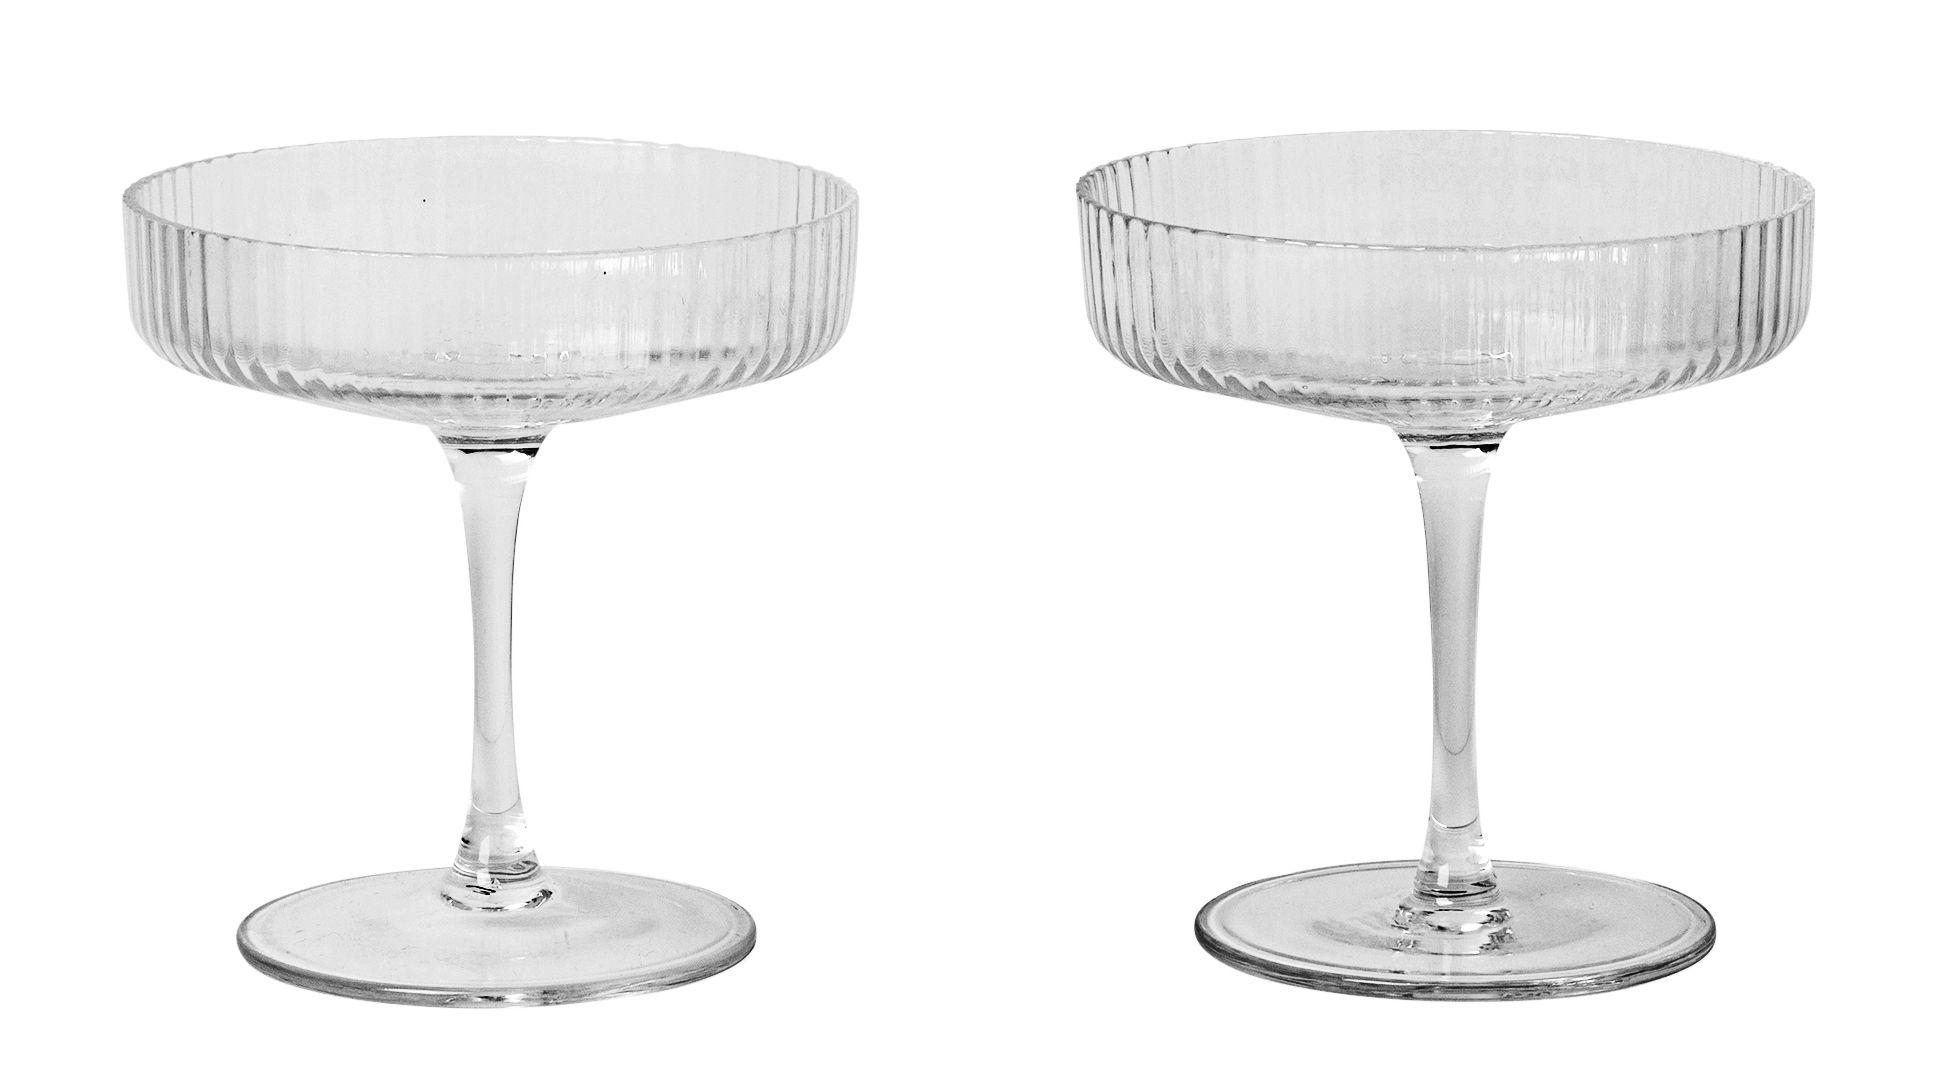 Tavola - Bicchieri  - Coppa da champagne Ripple - / Set da 2 - Vetro soffiato a bocca di Ferm Living - Trasparente / Striature - Vetro soffiato a bocca